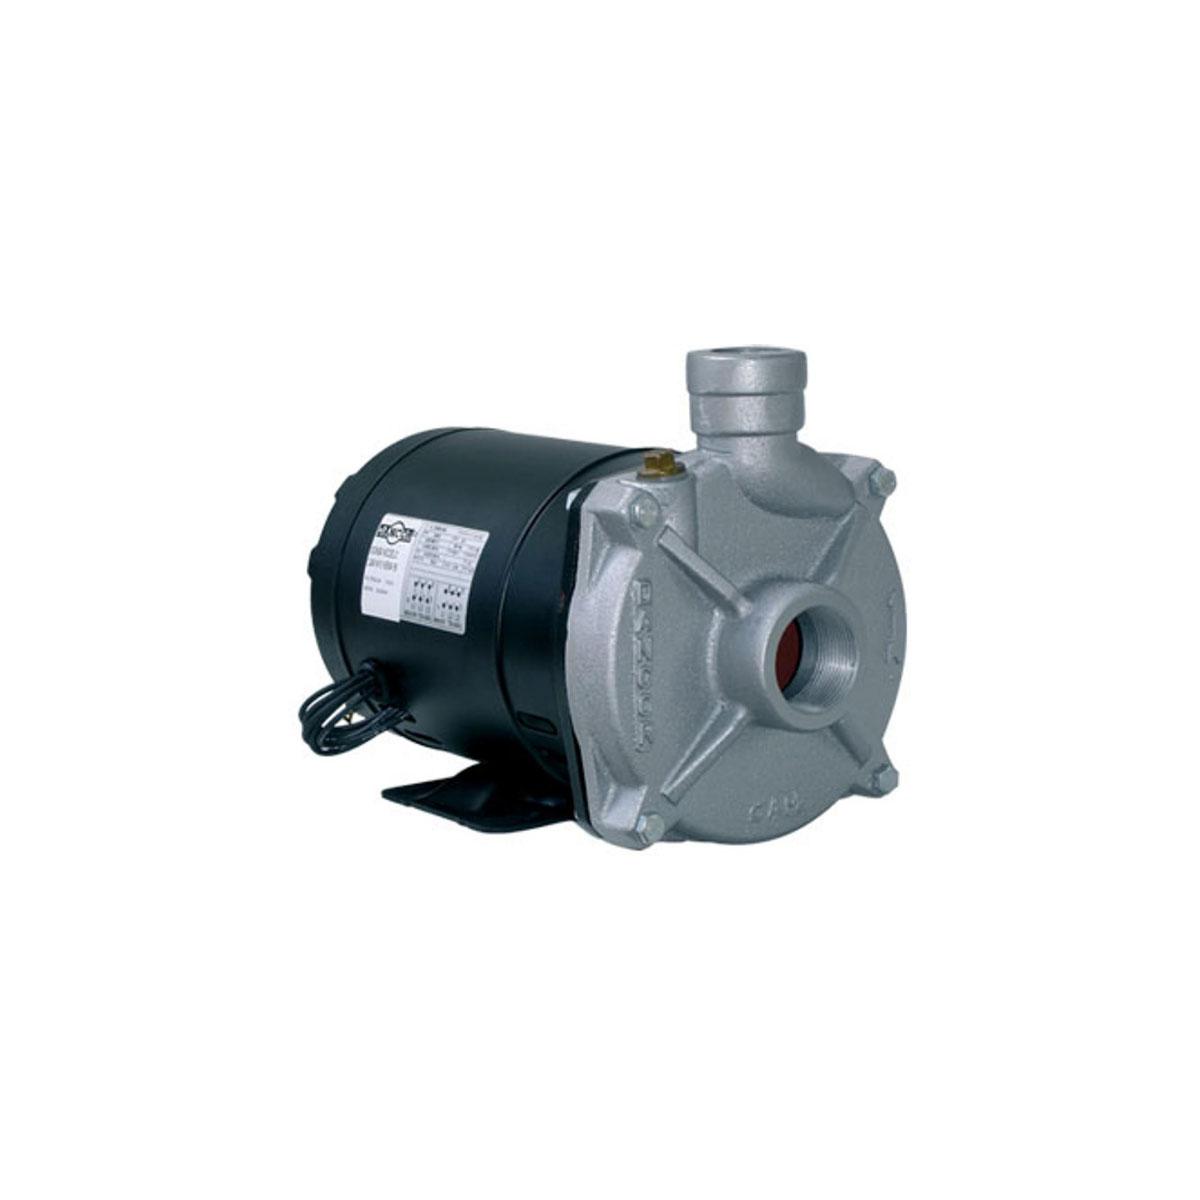 Bomba Centrifuga Cam-W10 3 Cv Trifasico 220v/380v Dancor